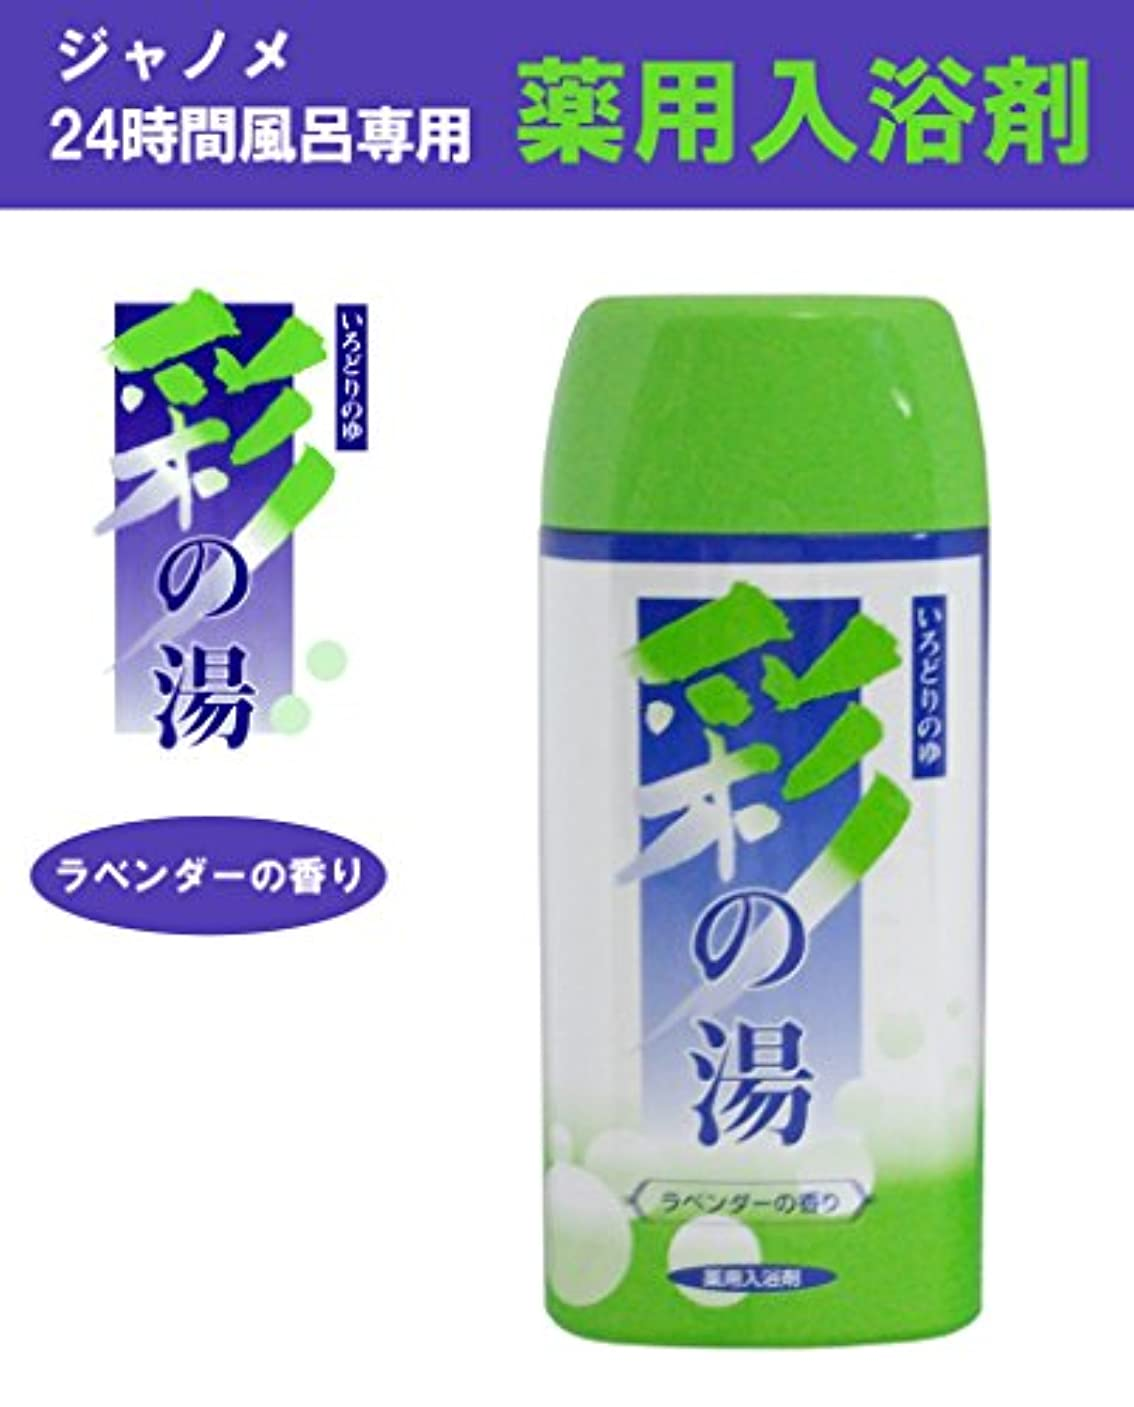 疑わしい労苦巨大ジャノメ 彩の湯 (24時間風呂専用 薬用入浴剤 ラベンダーの香り )